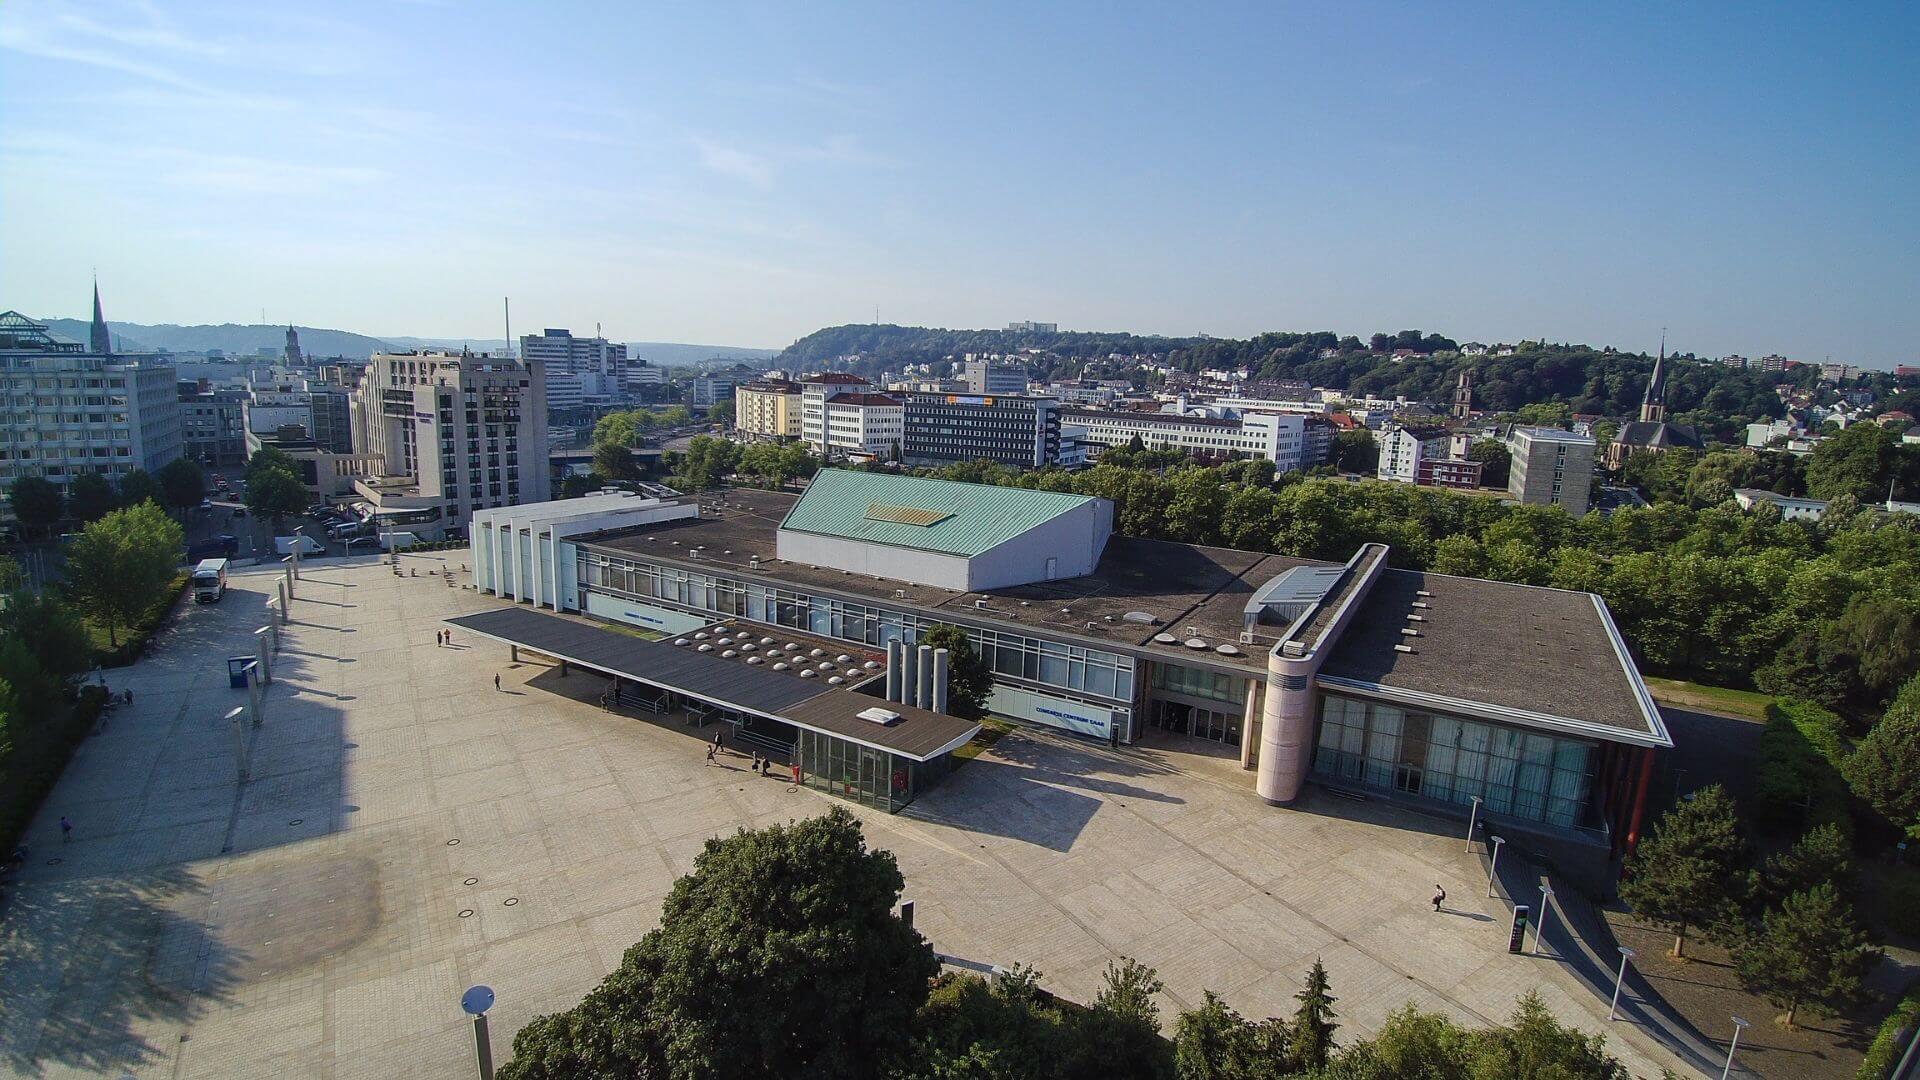 Congresshalle Luftaufnahme Vorplatz copyright Fotolutz